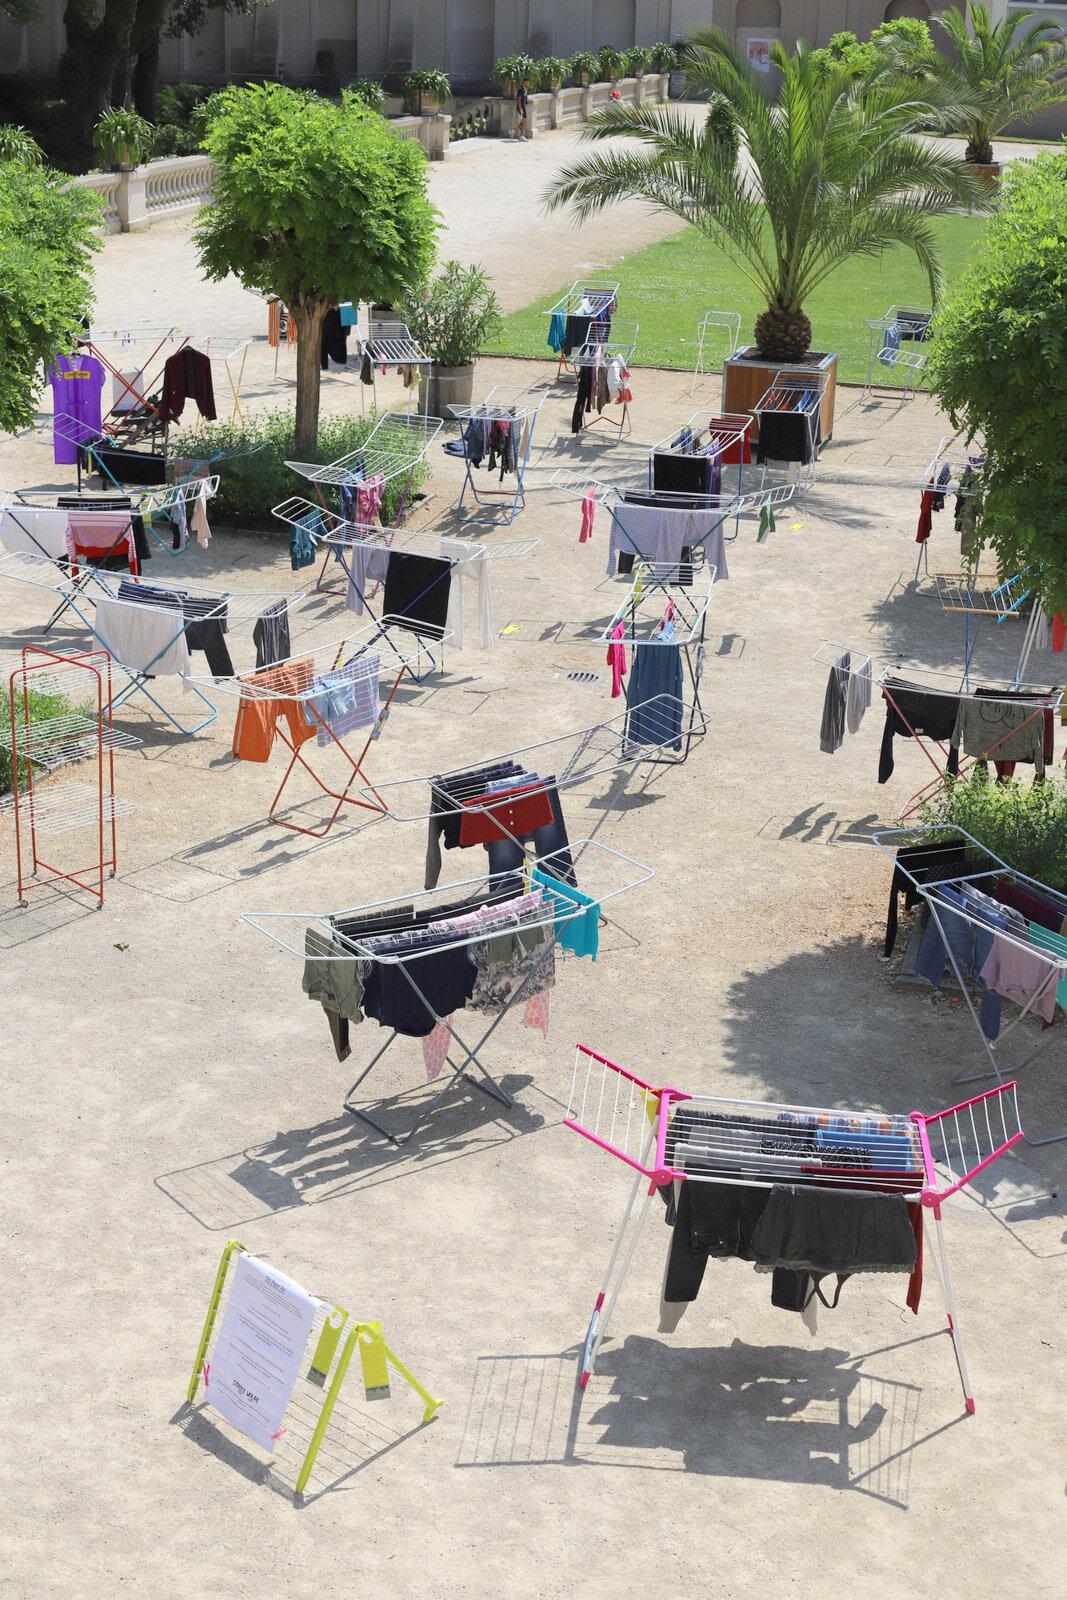 可持续发展-时尚-安装-柏林- 1. - jpg